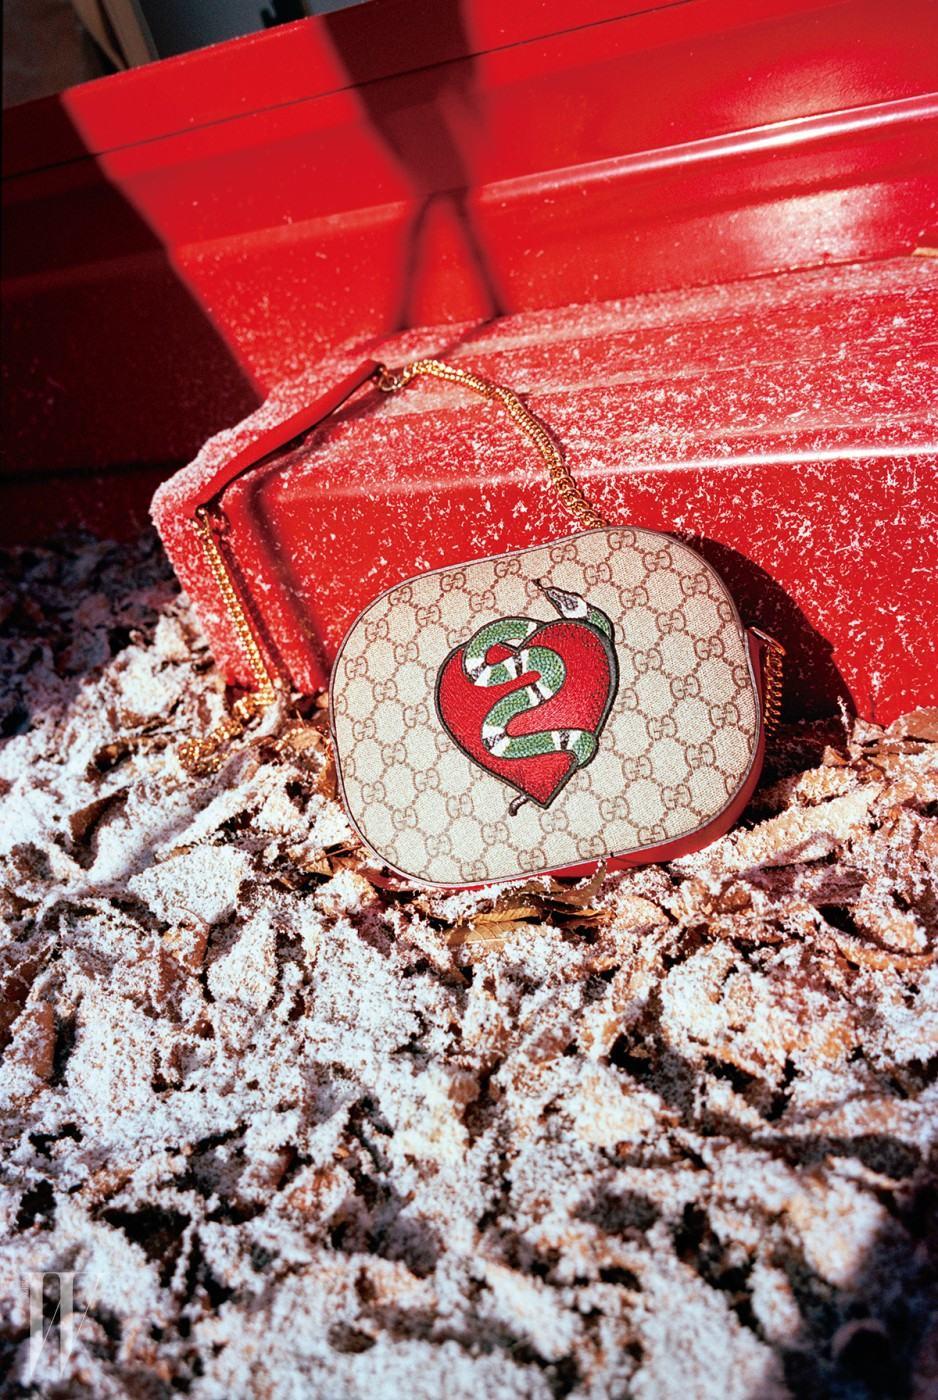 뱀 모양 패치를 장식한 홀리데이 컬렉션 탬버린 백은 구찌 제품. 1백53만원.